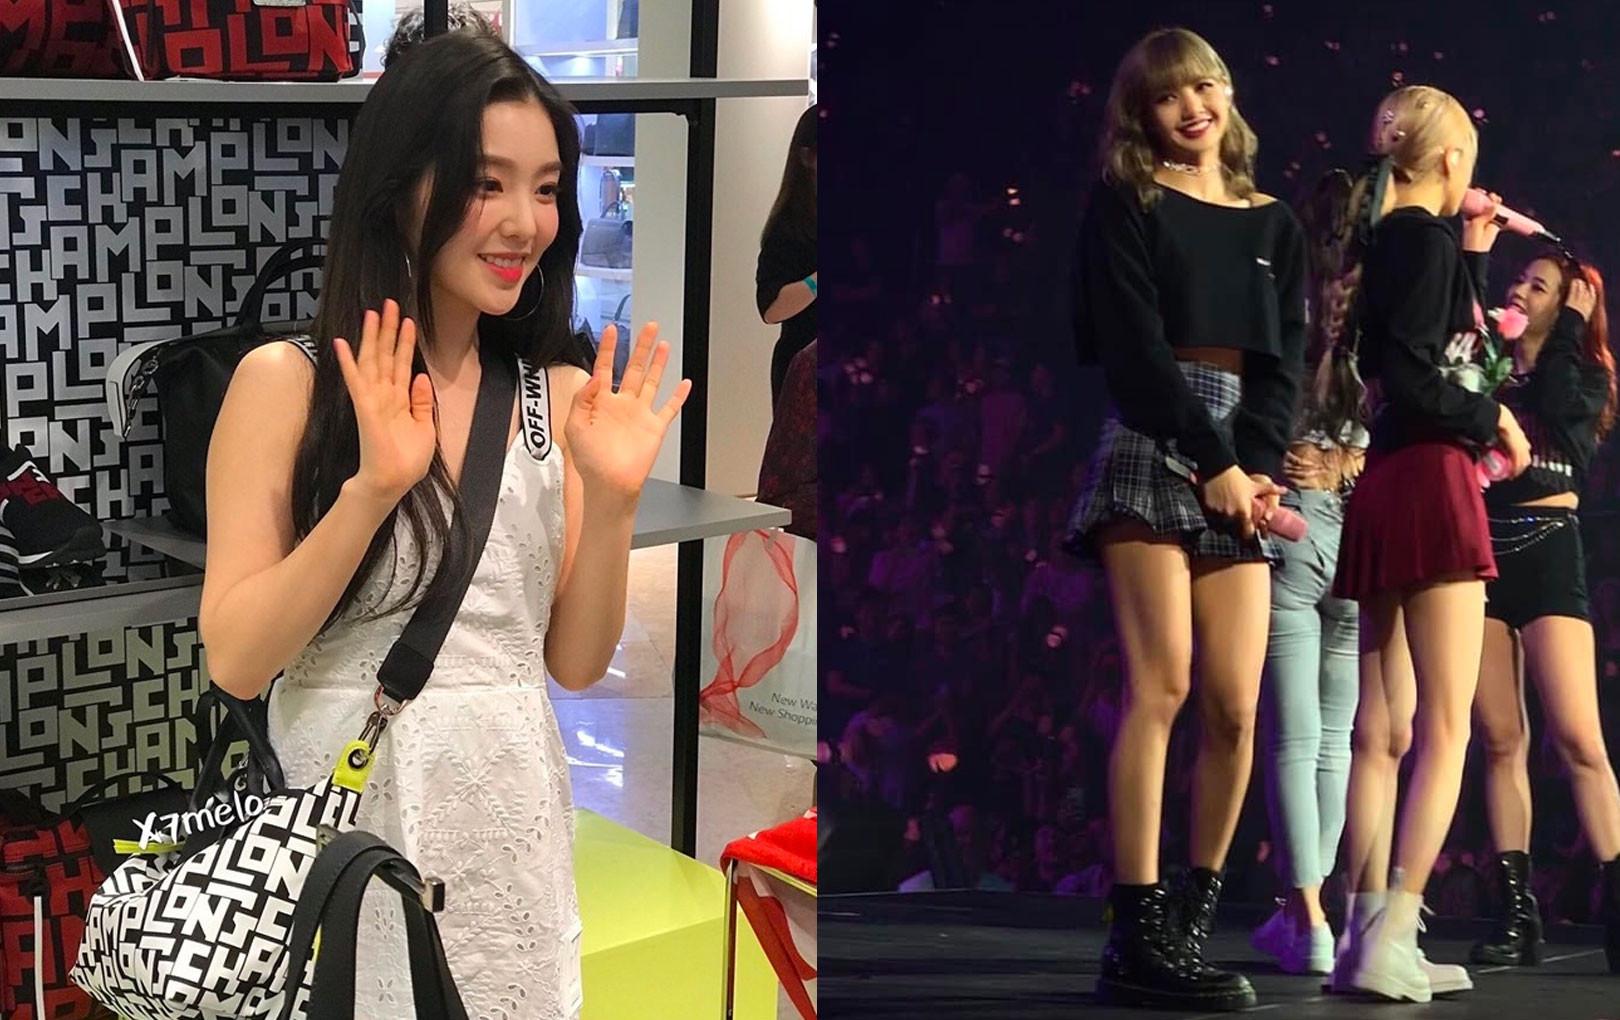 Loạt idol đẹp xuất sắc qua camera thường của người hâm mộ: Khó ai qua được Irene